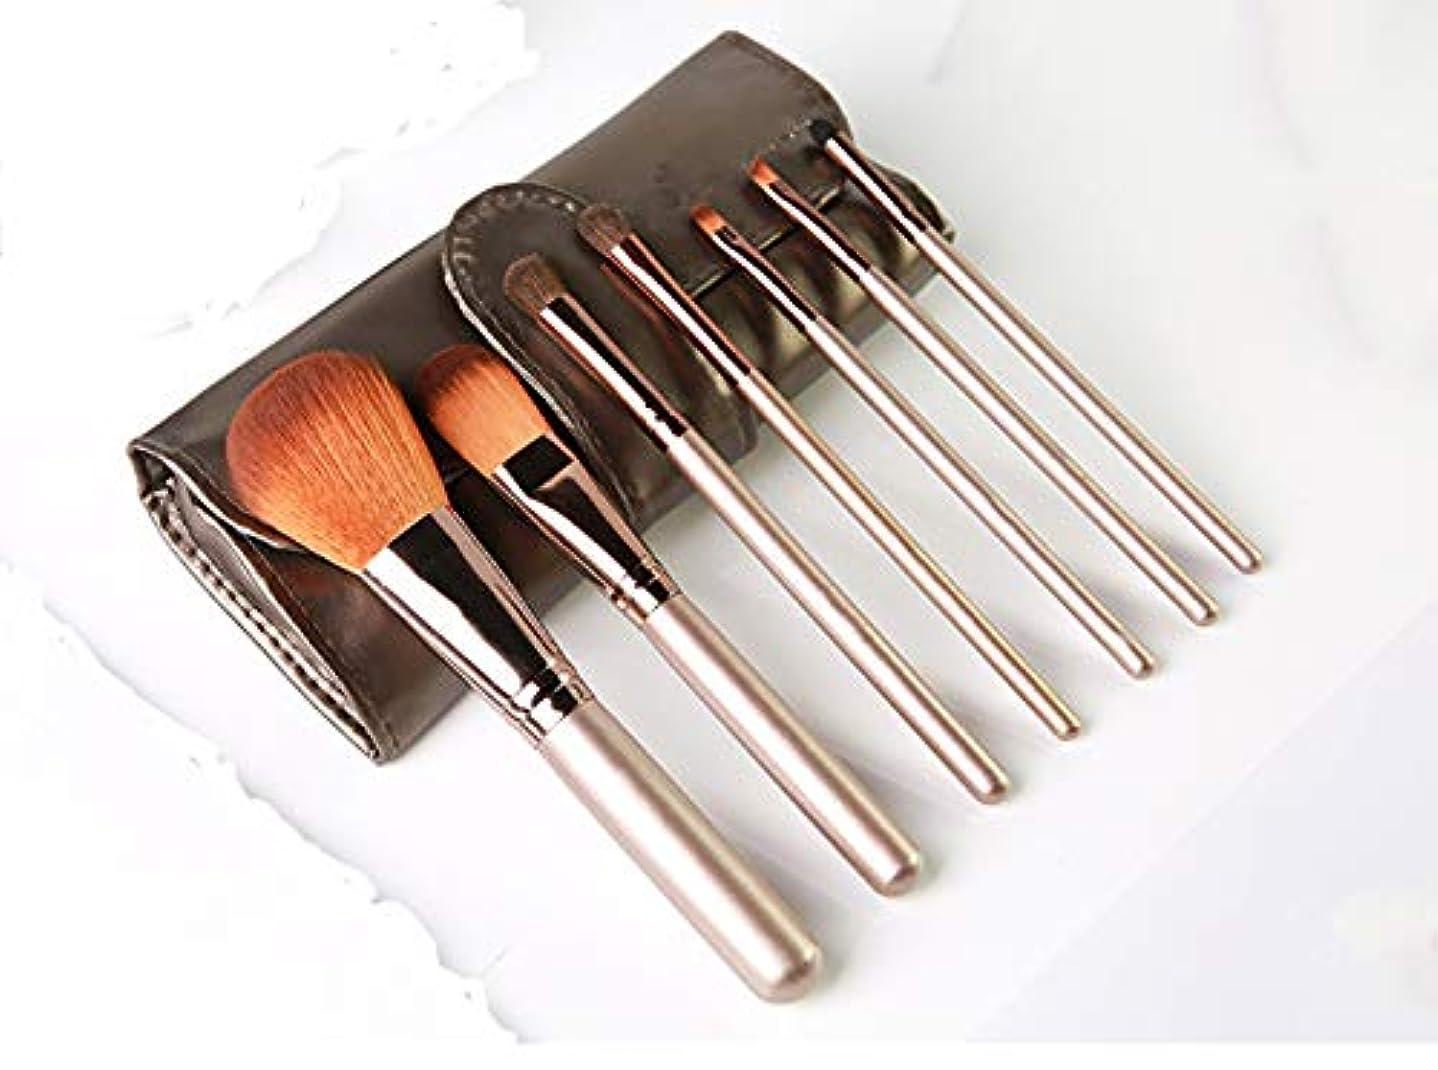 設計図避けるピザNORIDA メイクブラシ 化粧ブラシ 化粧筆 メイクブラシ7本セット 馬毛&高級纤维毛を使用 レザー化粧ポーチ付き